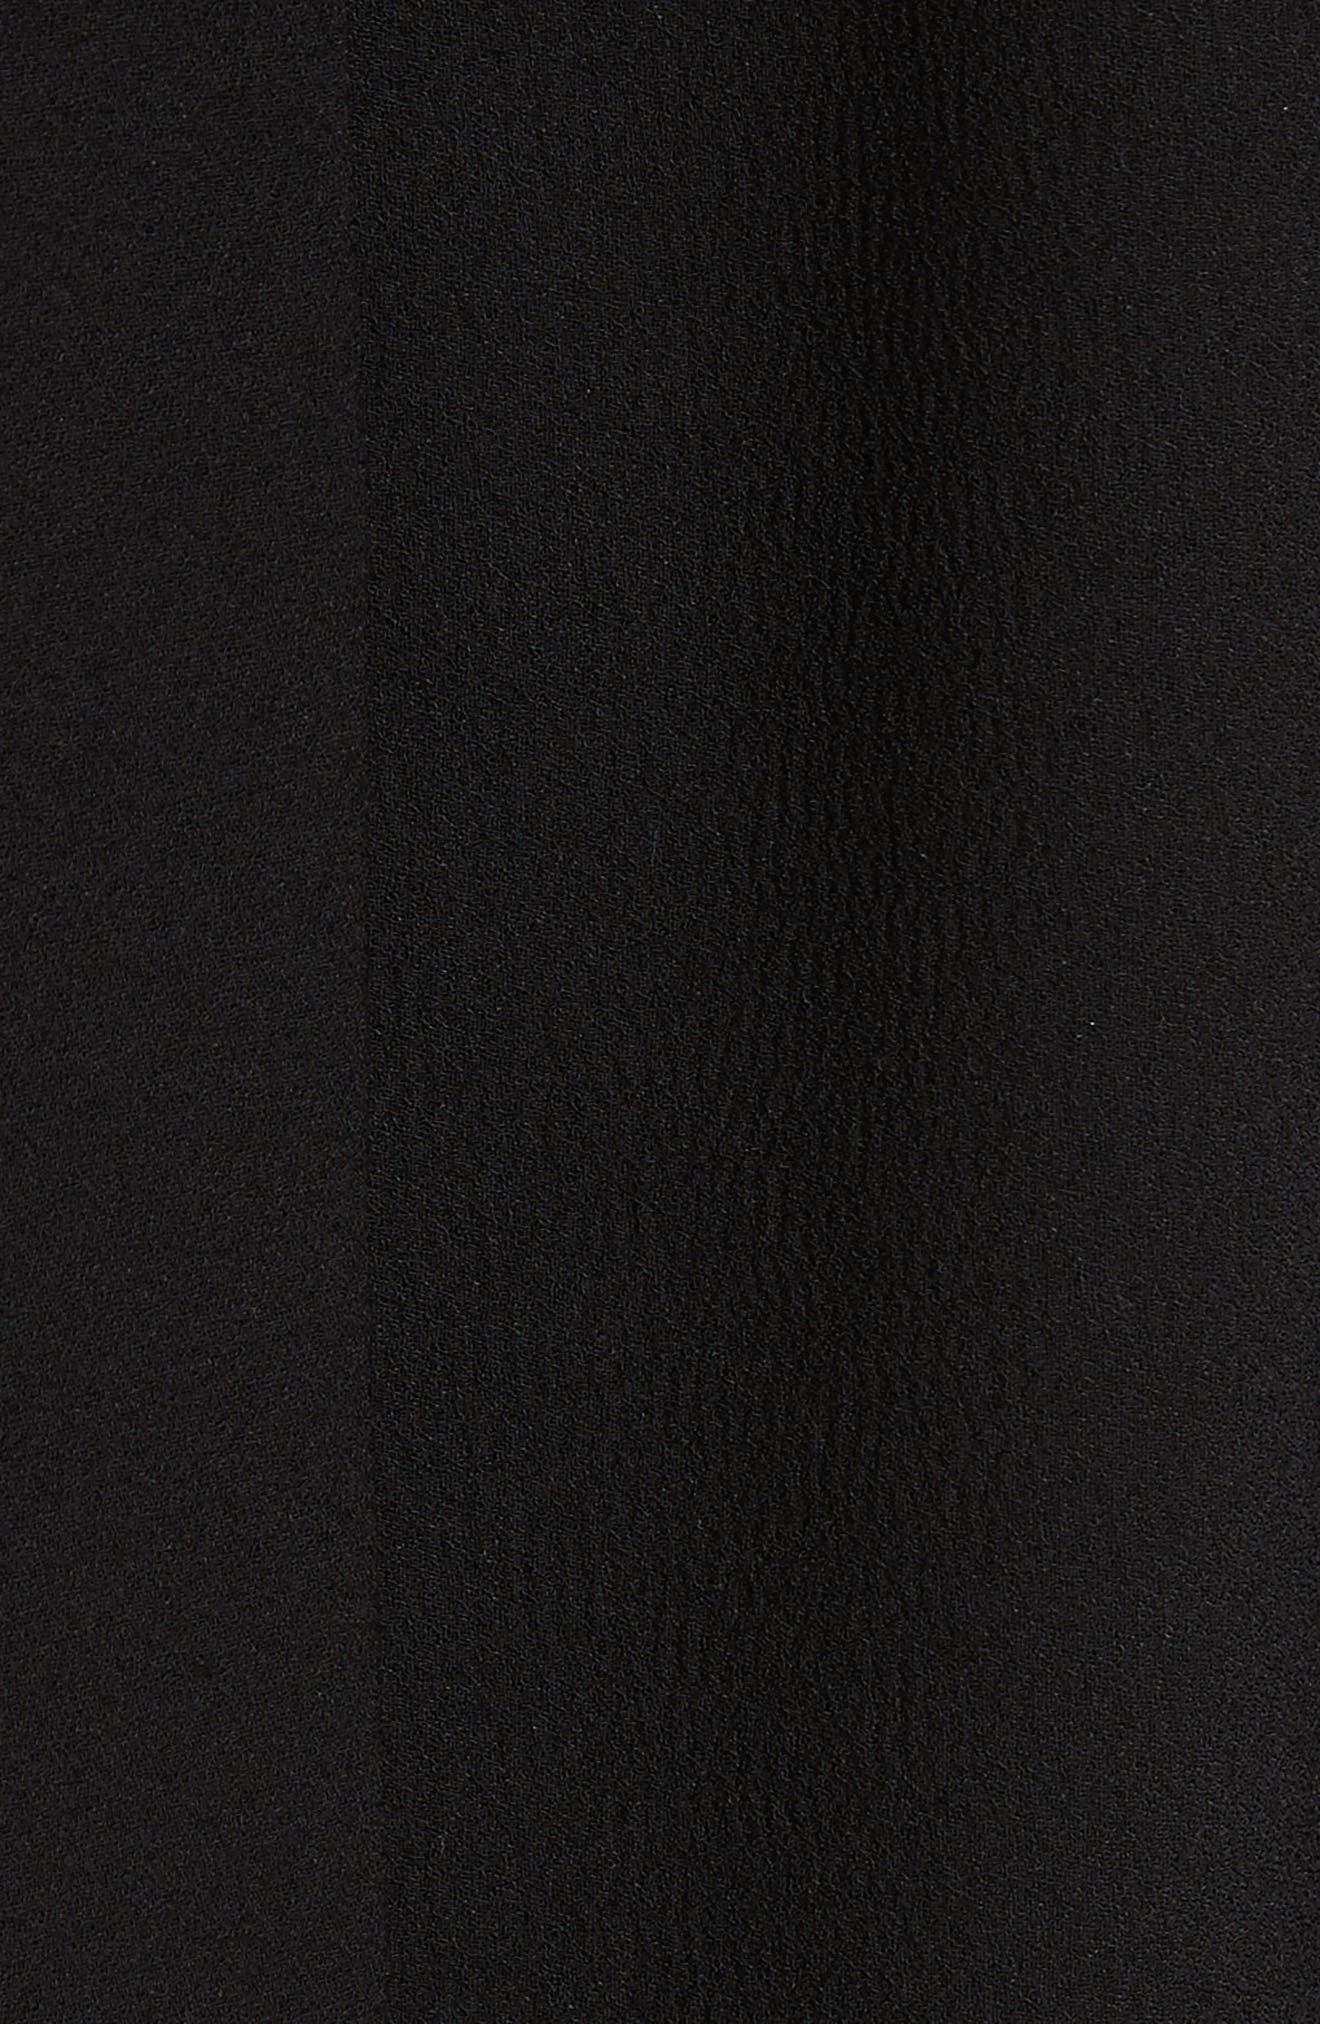 Tie Back Crepe Blouse,                             Alternate thumbnail 5, color,                             001